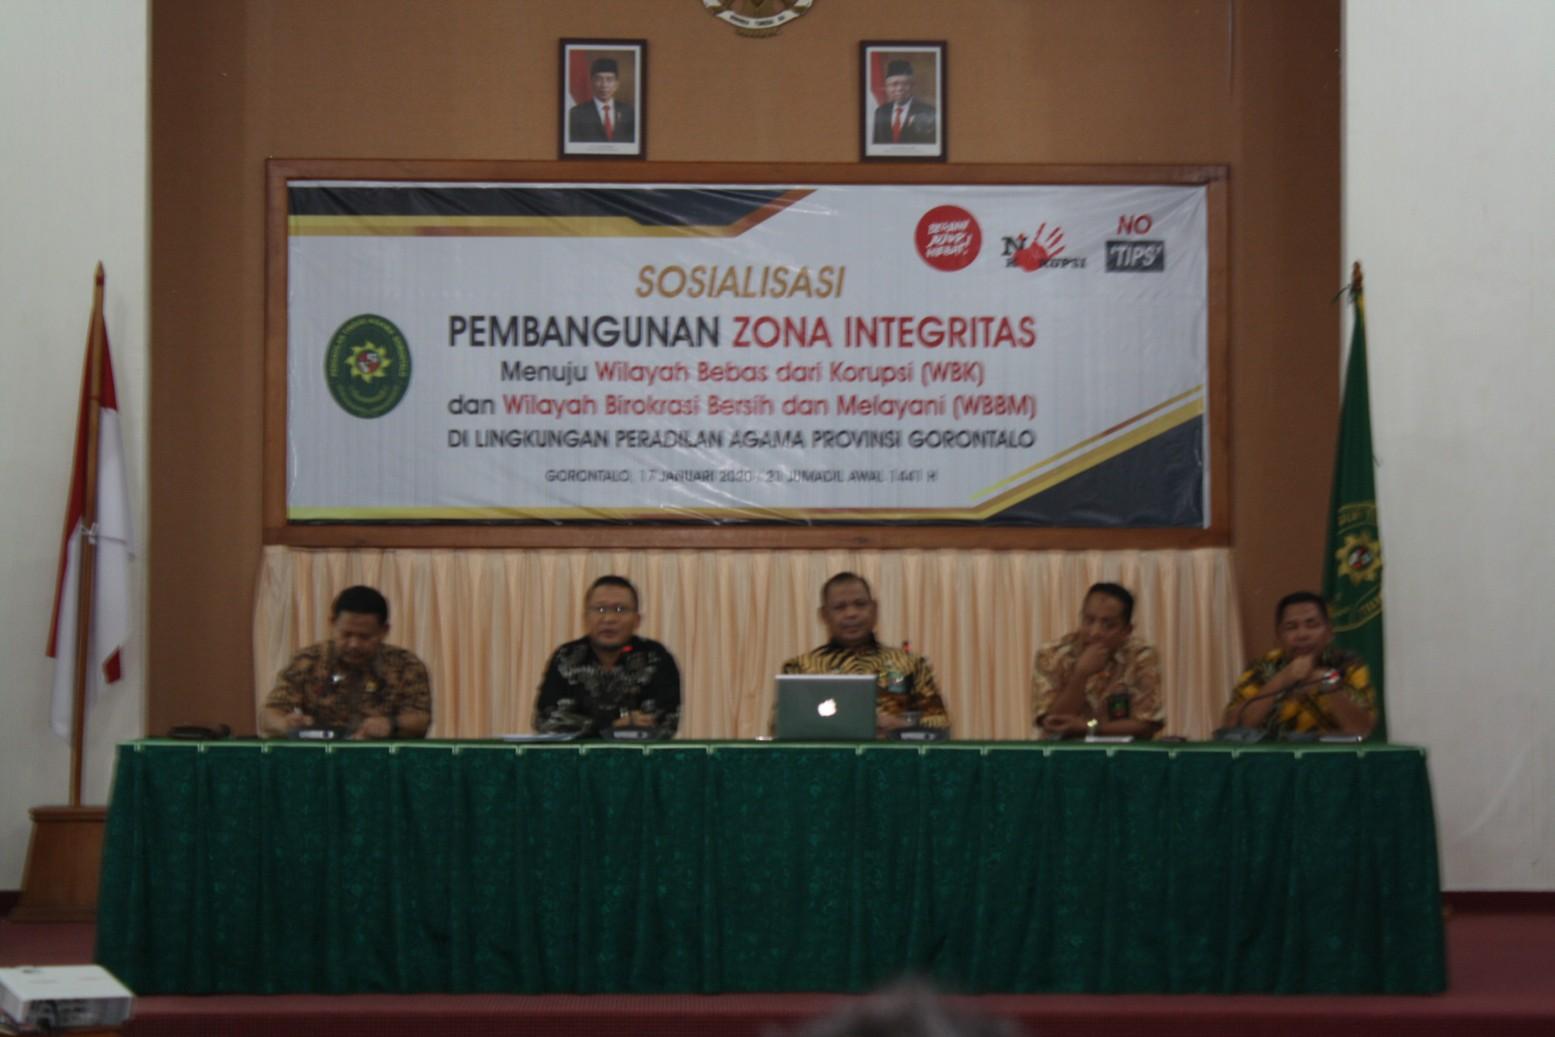 PA Gorontalo menjadi Narasumber dalam Sosialisasi Pembangunan ZI di PTA Gorontalo | (21/1)